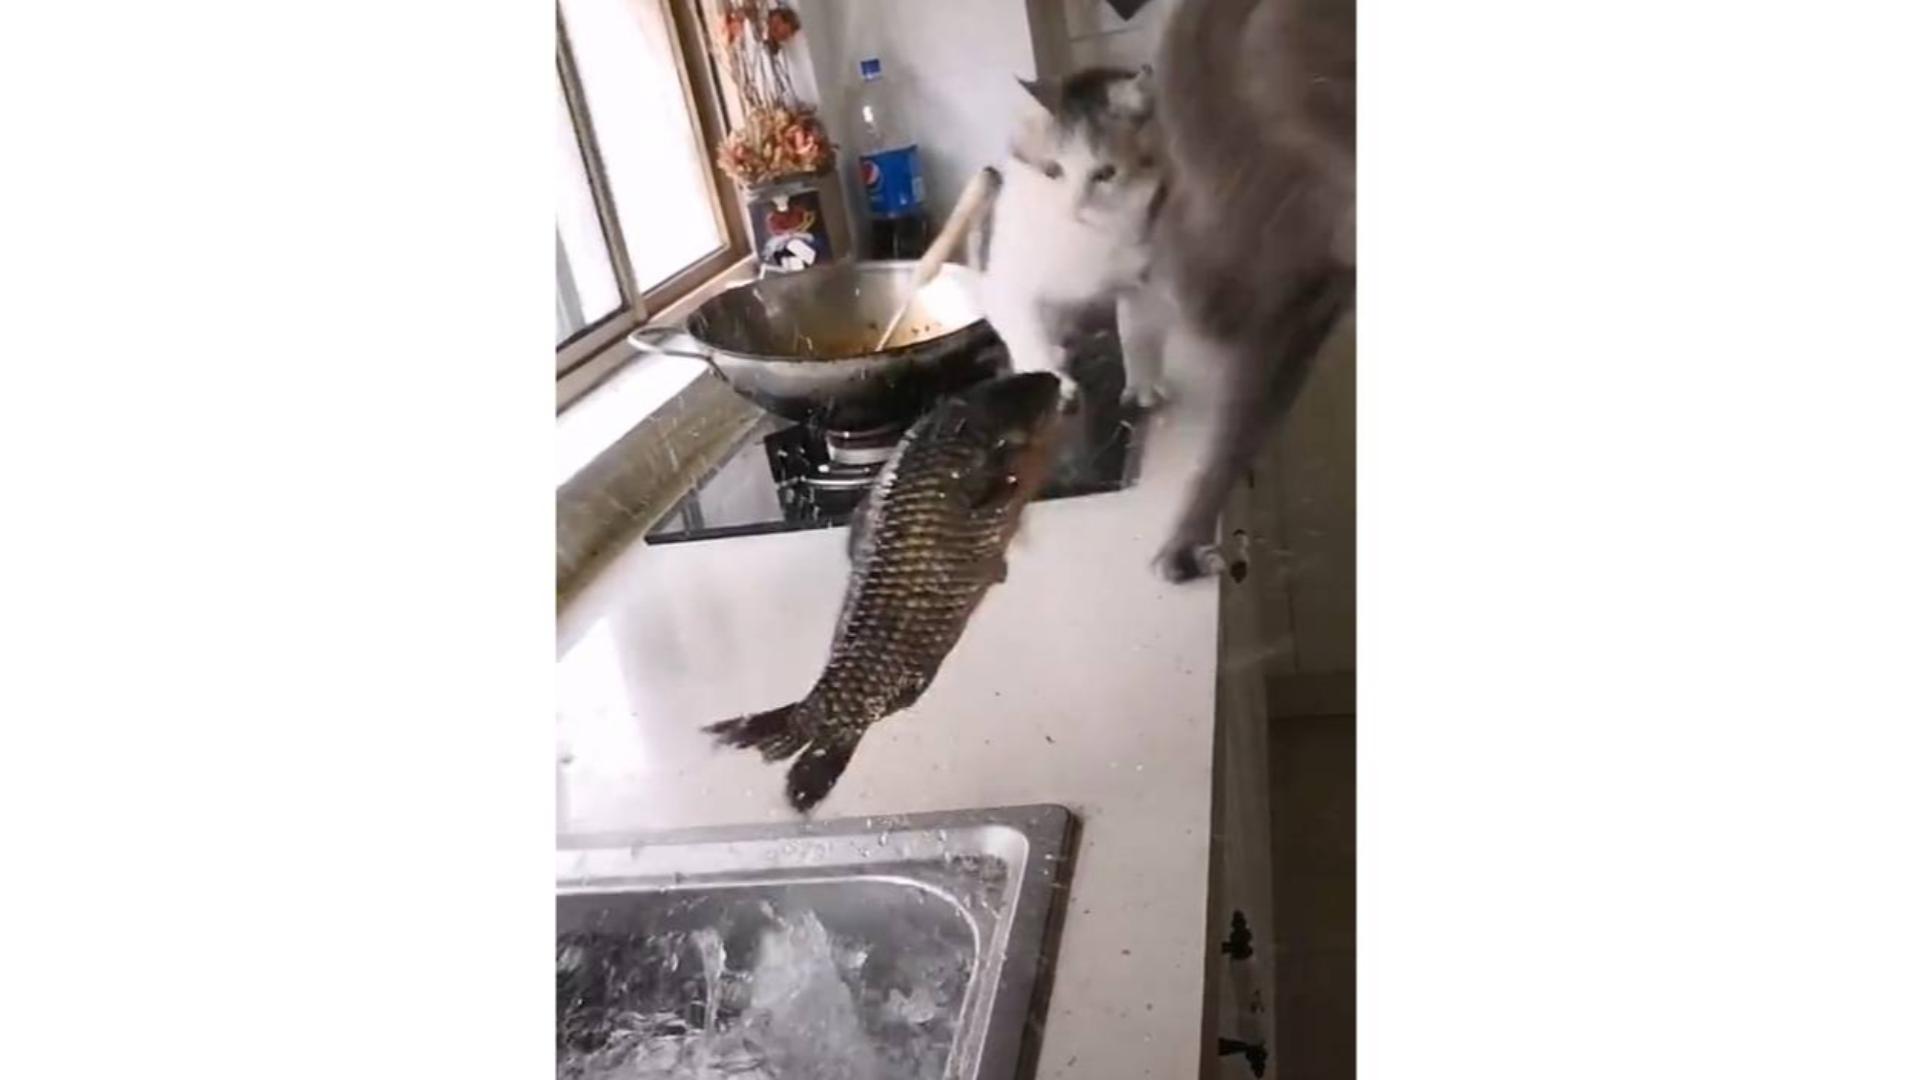 鲤鱼王使用了水溅跃——效果拔群!